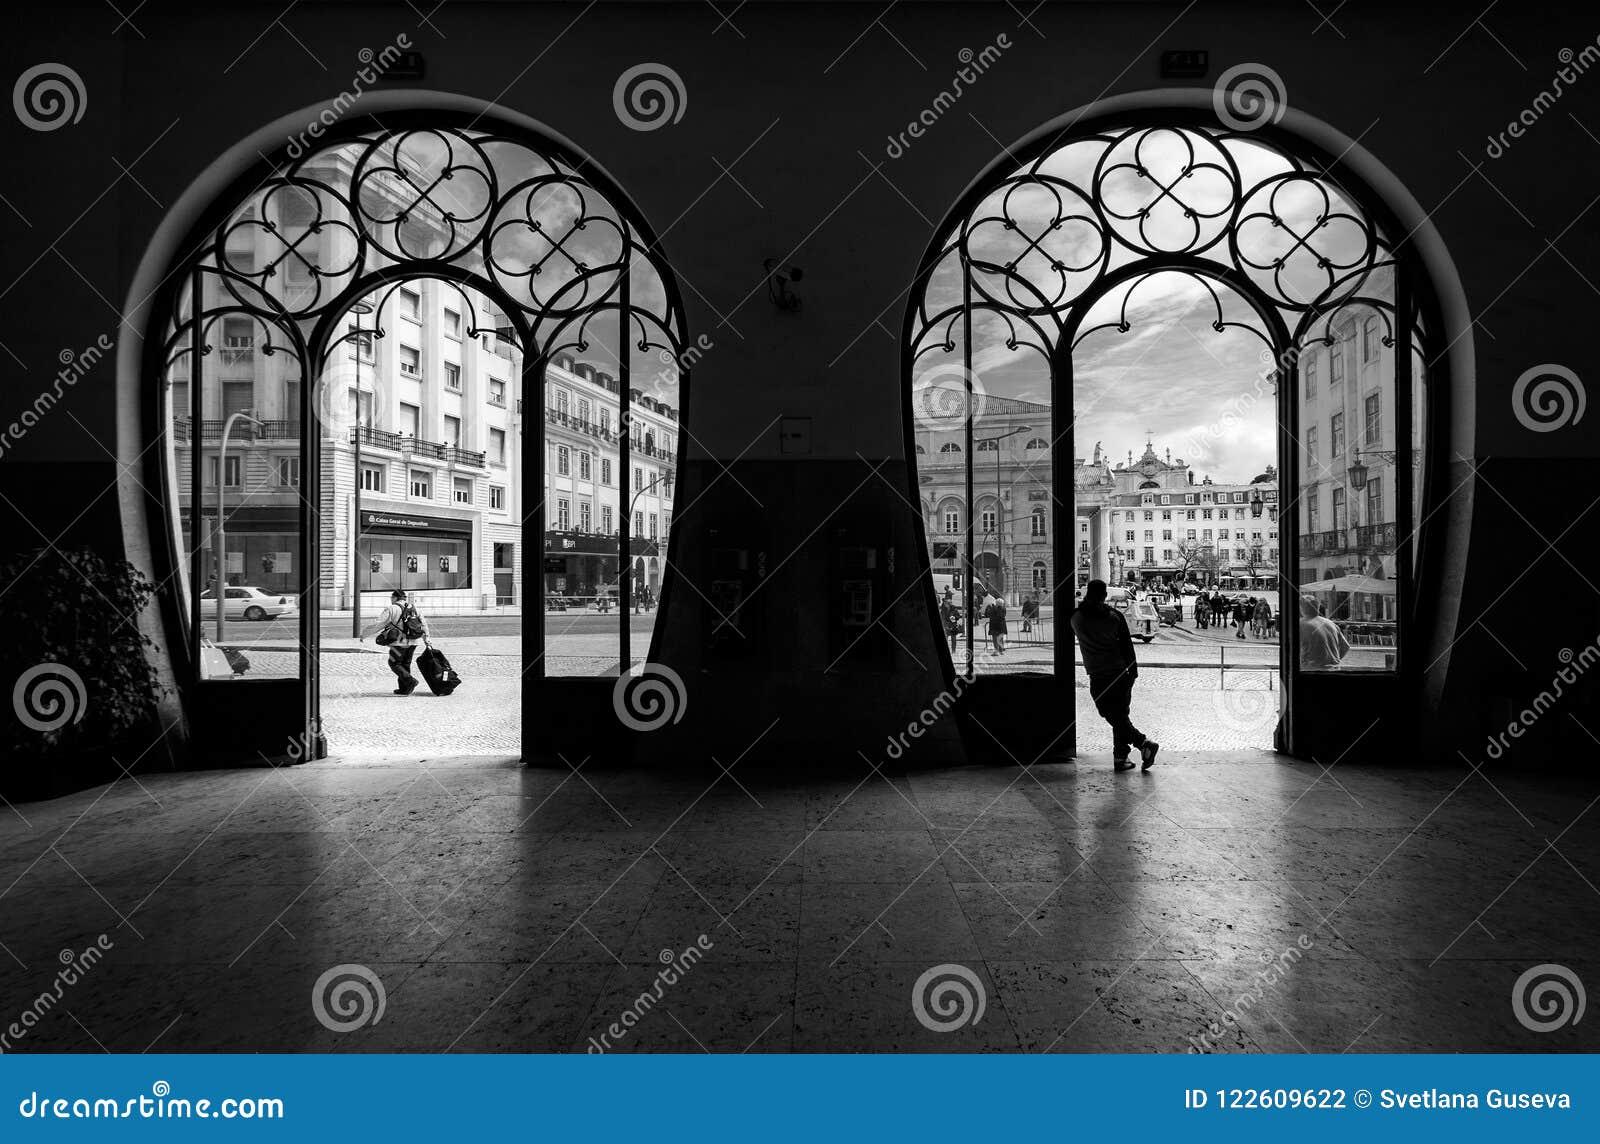 Drevstation Rossio stad gammala lisbon portugal svart white